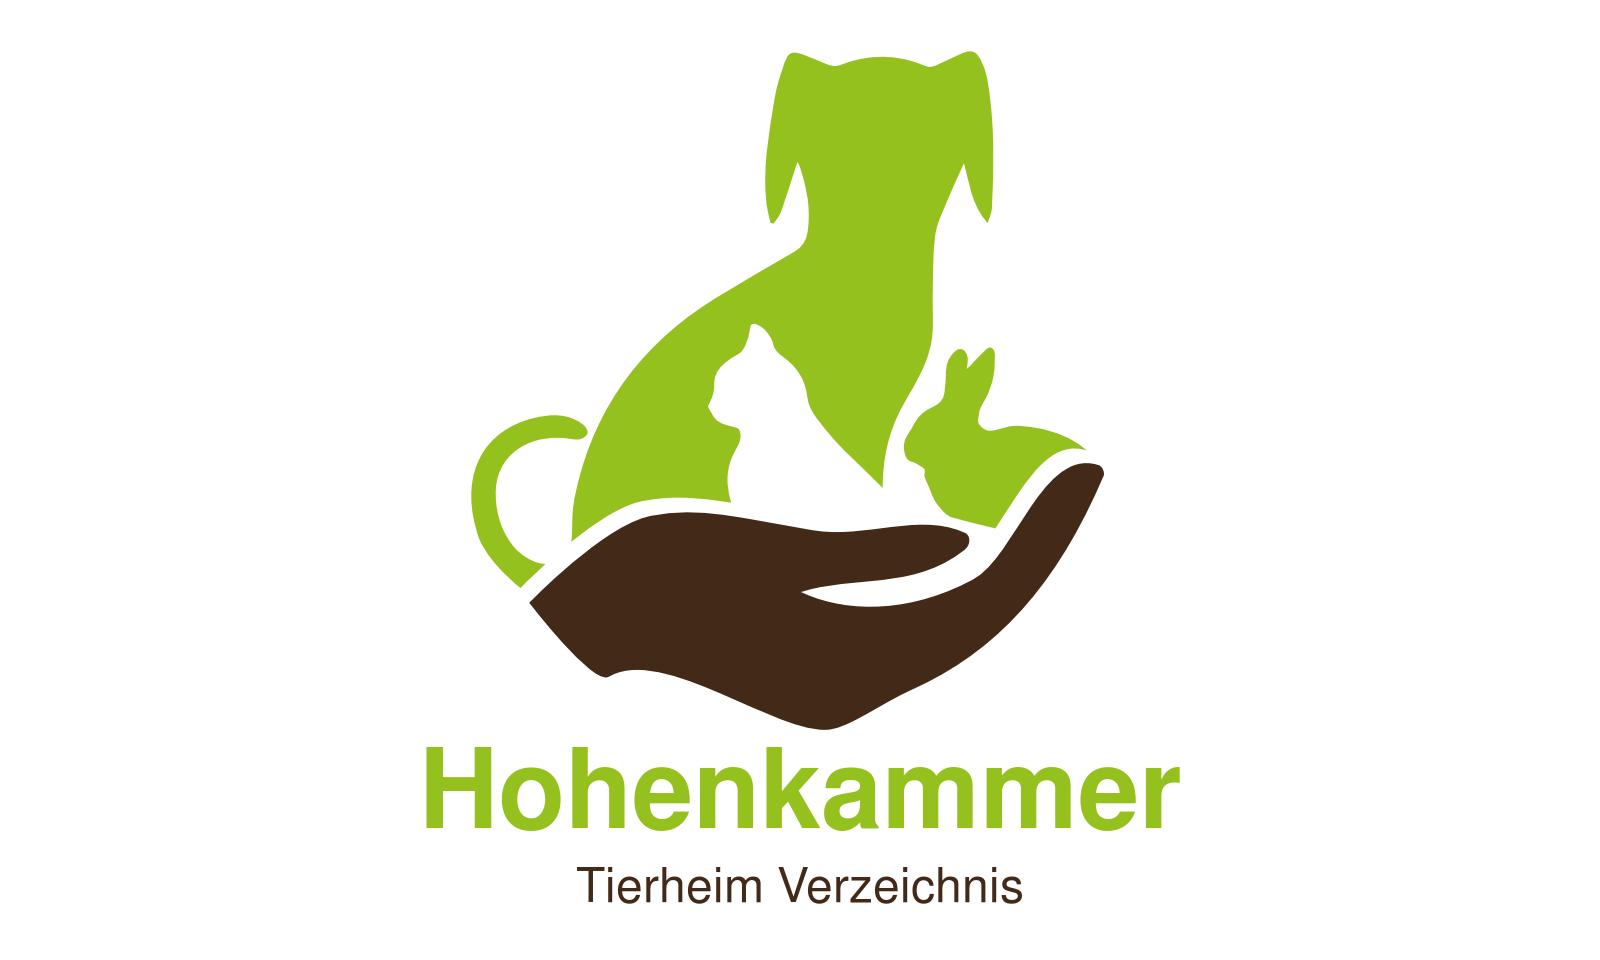 Tierheim Hohenkammer